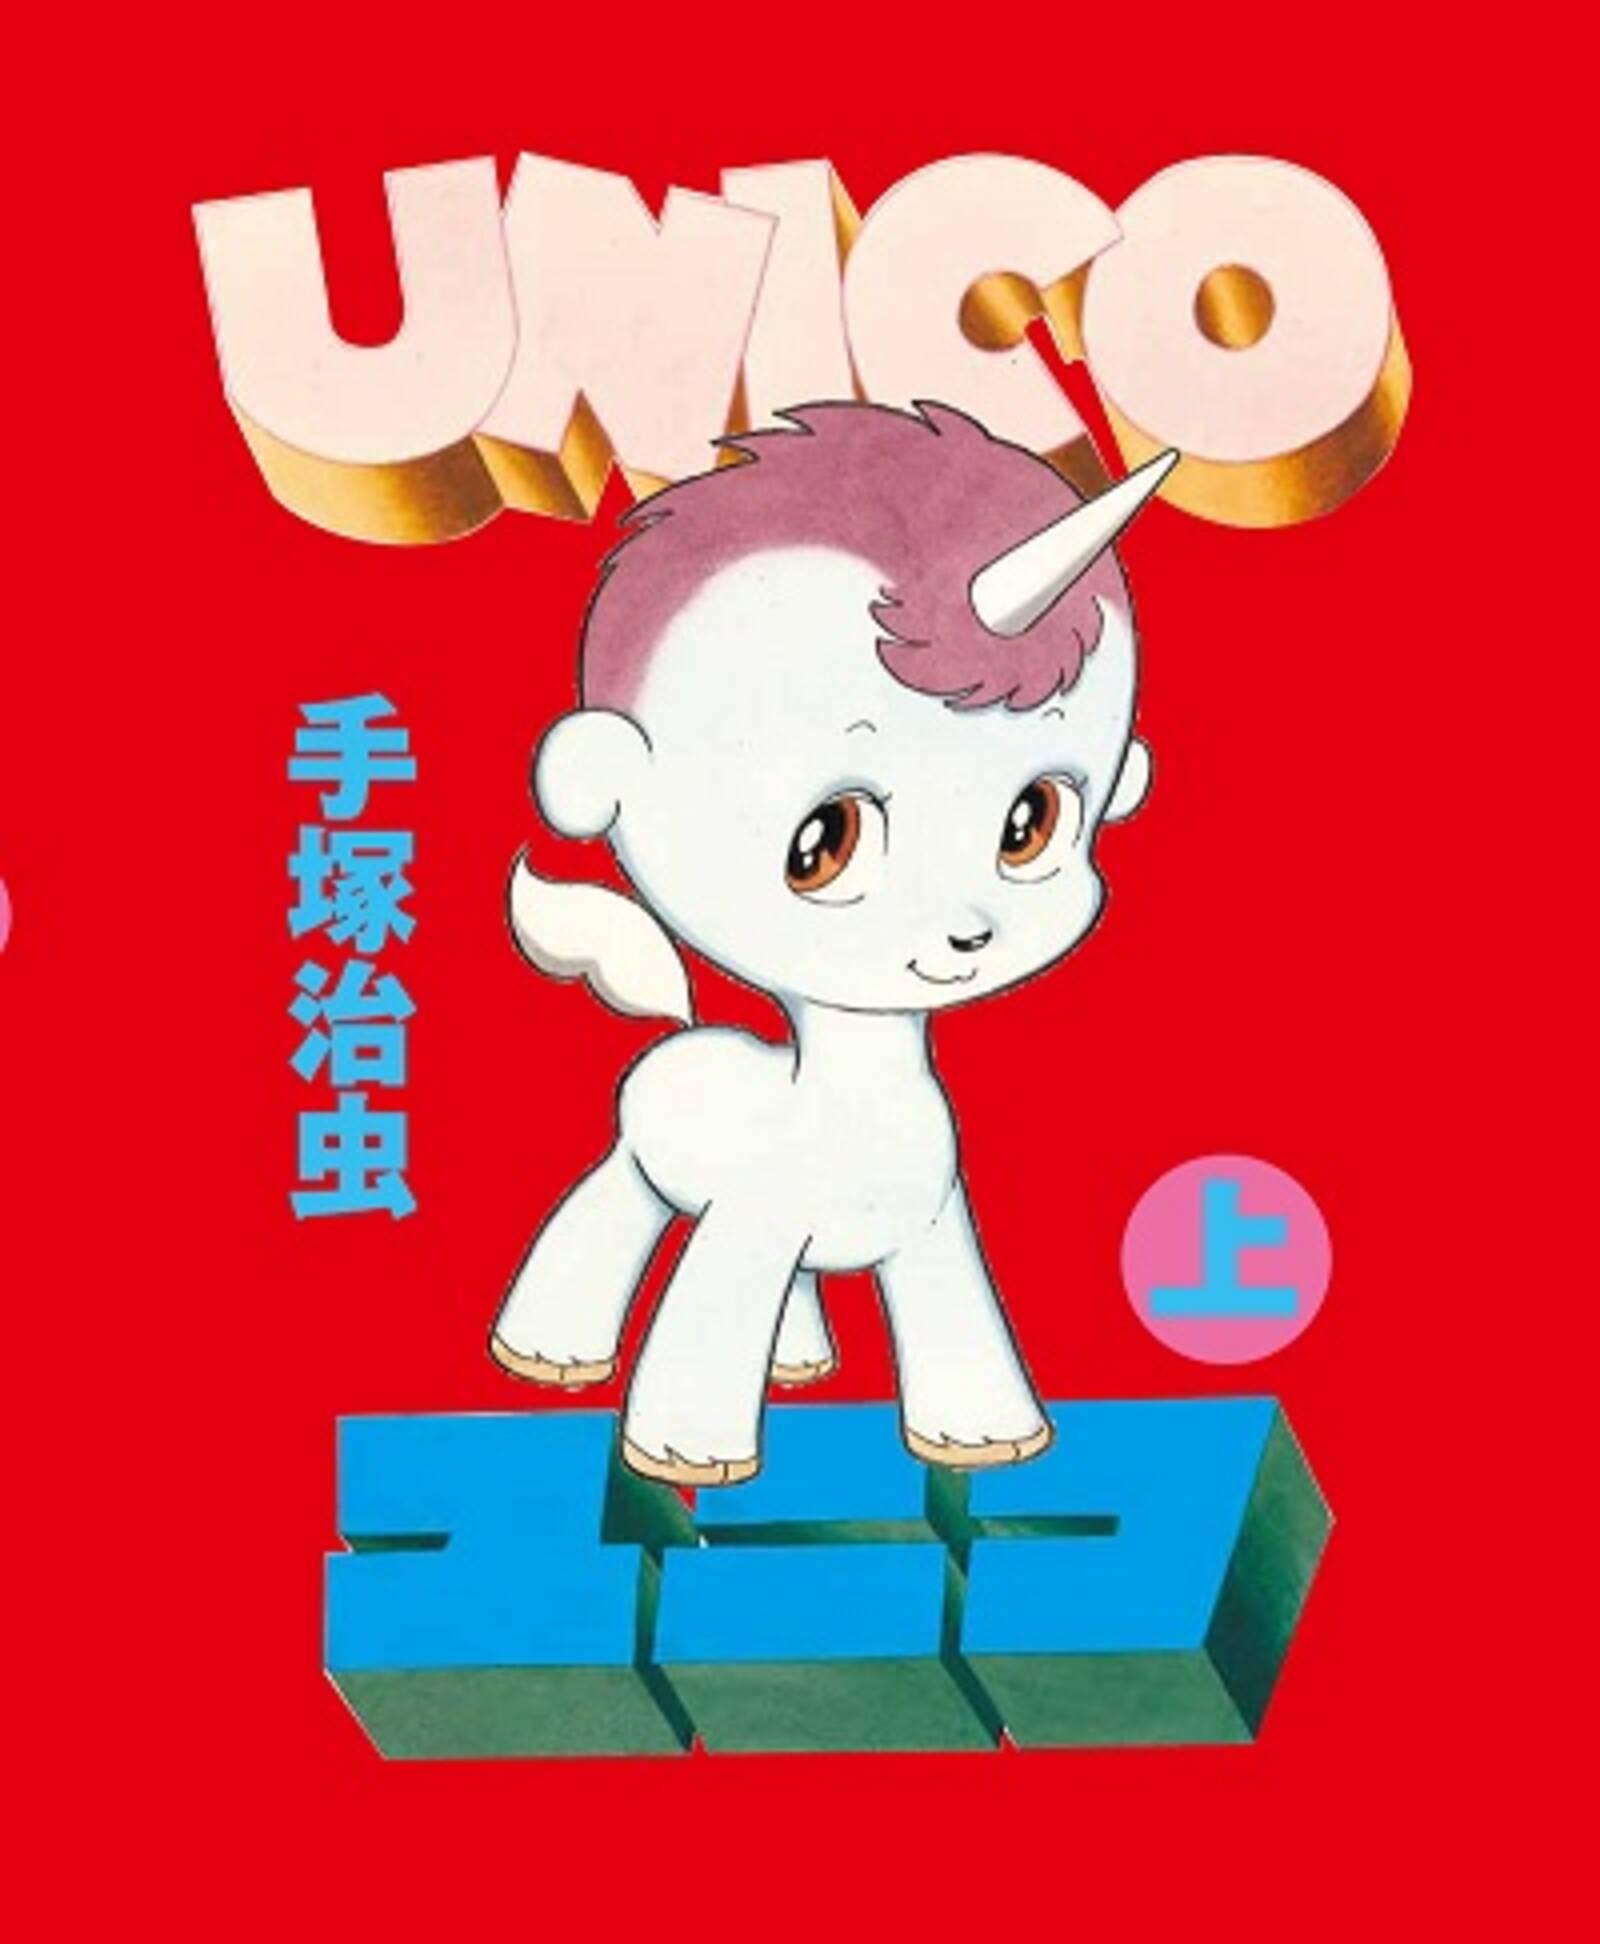 「手塚治虫 ユニコ」の画像検索結果